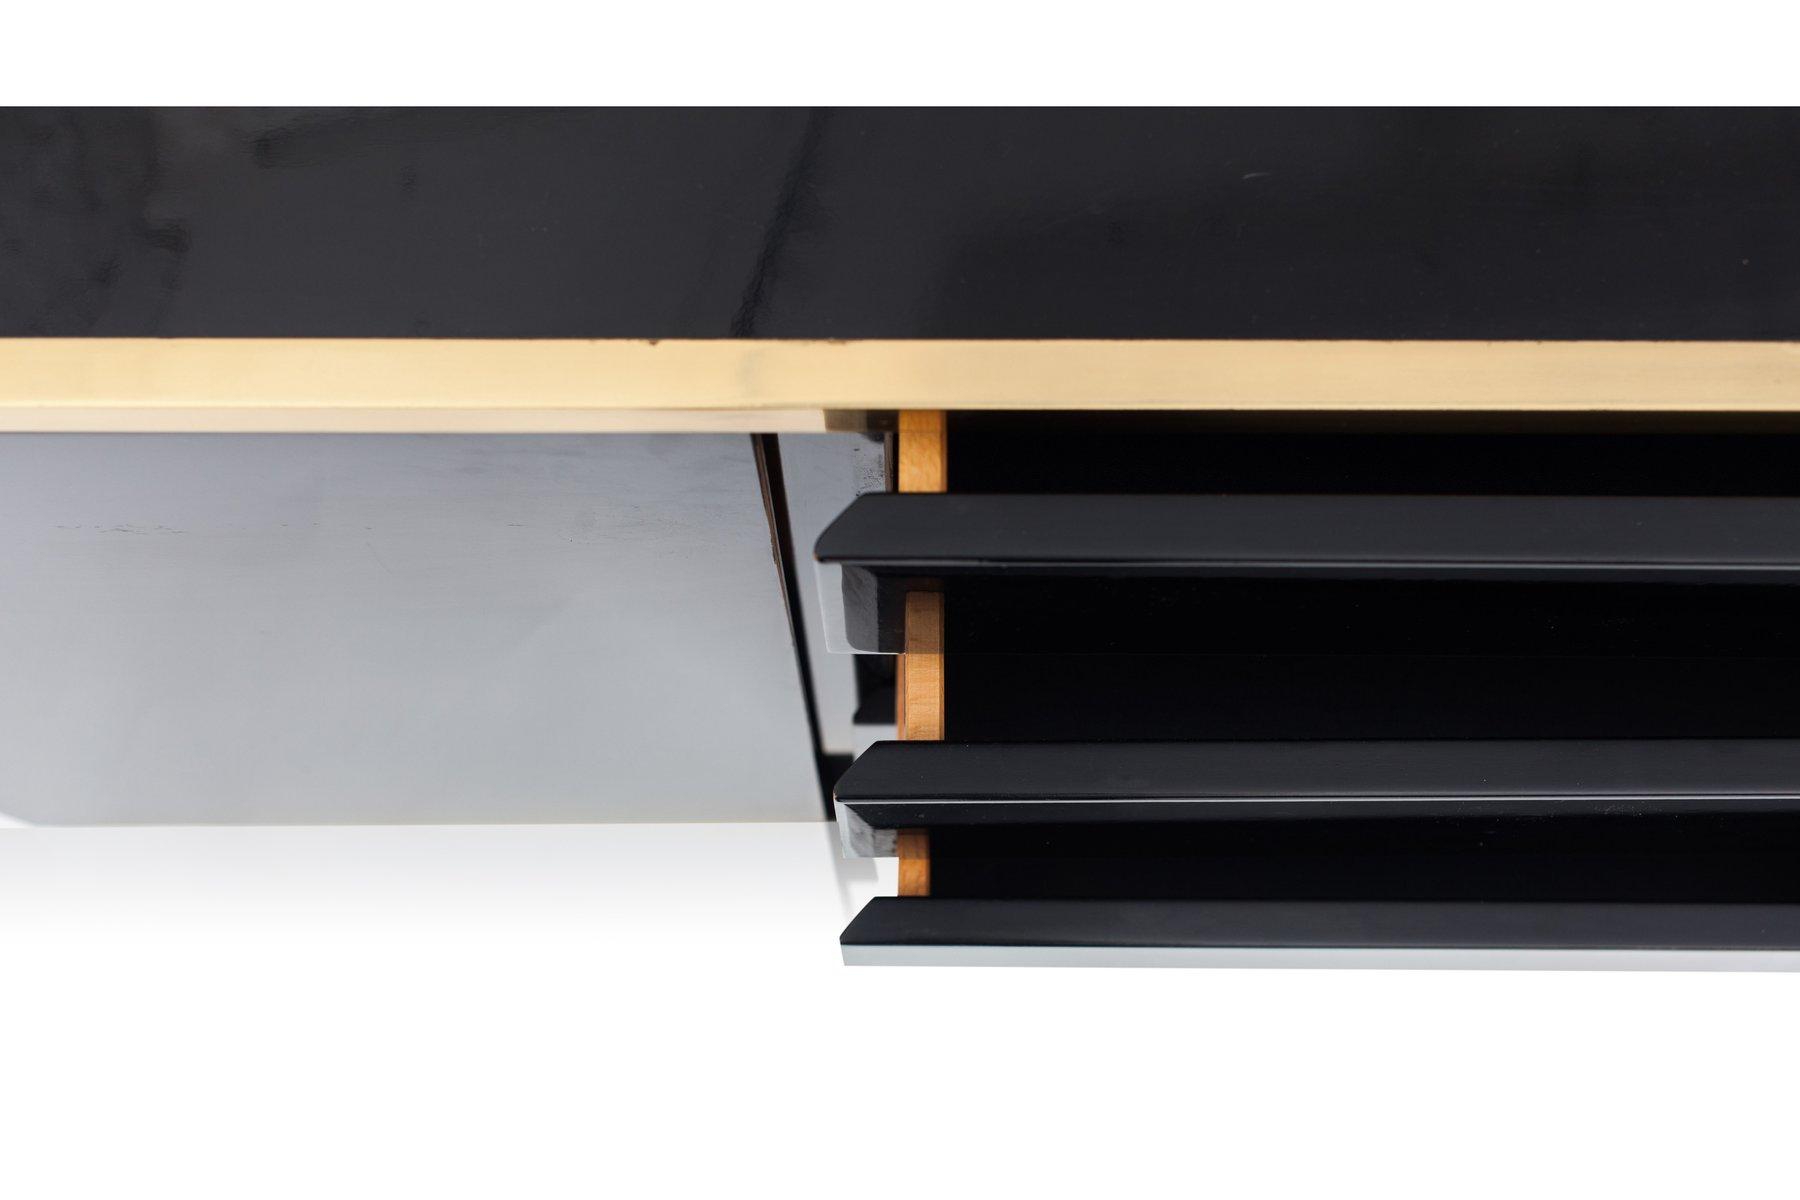 Credenza Moderna Laccata Nera : Credenza nera cinese in legno laccato nero